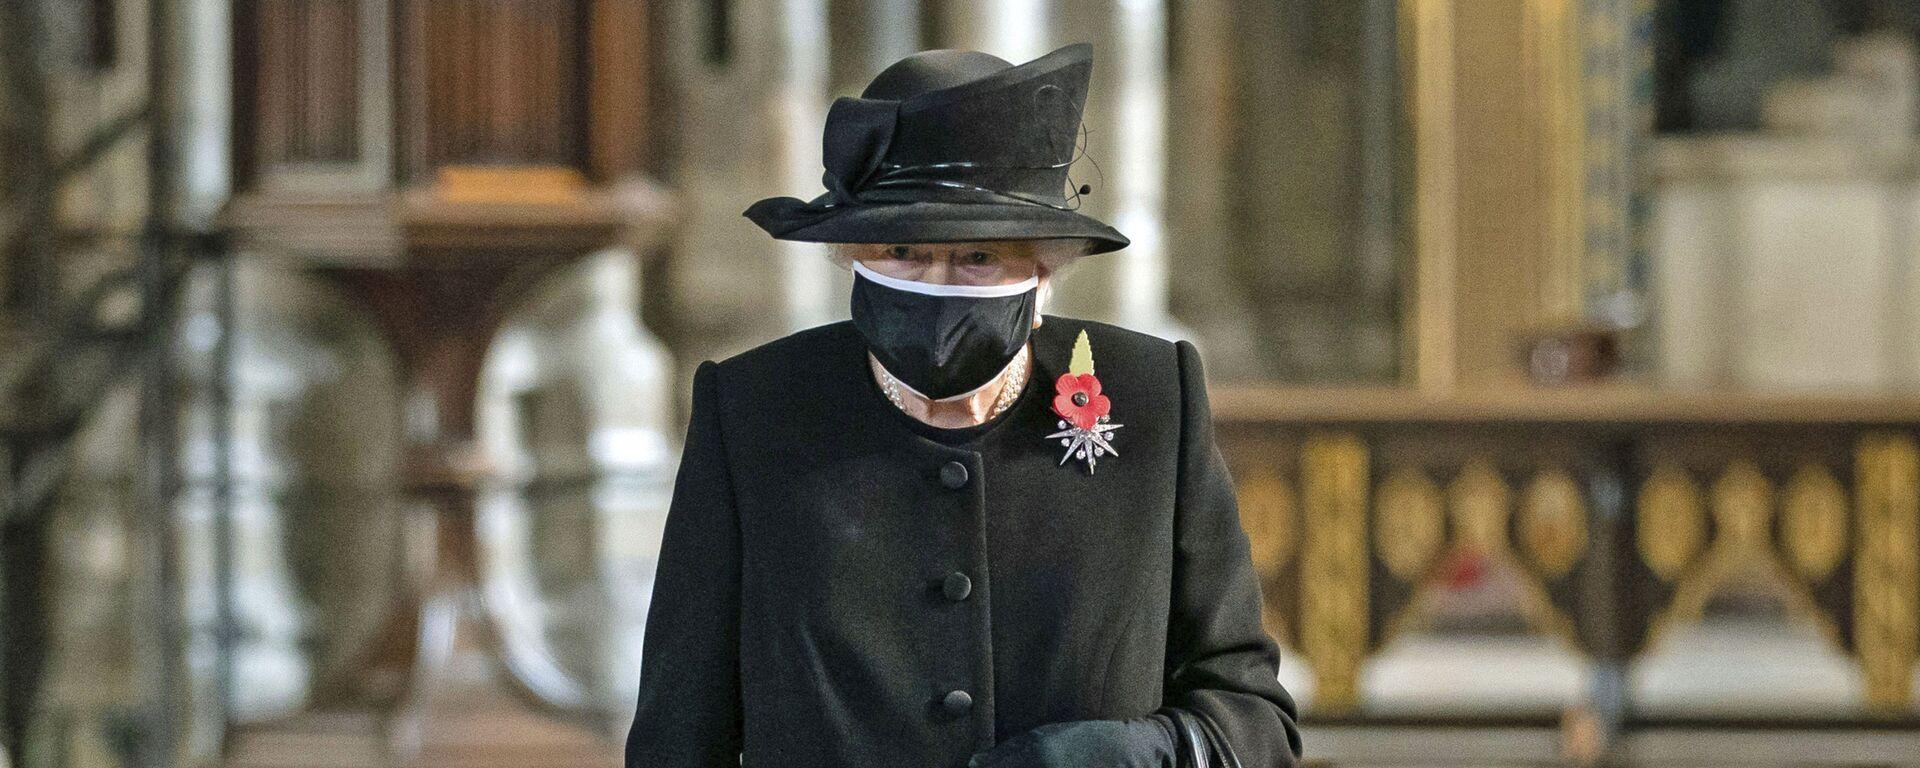 Королева Великобритании Елизавета II на церемонии в Вестминстерском аббатстве - Sputnik Արմենիա, 1920, 06.03.2021